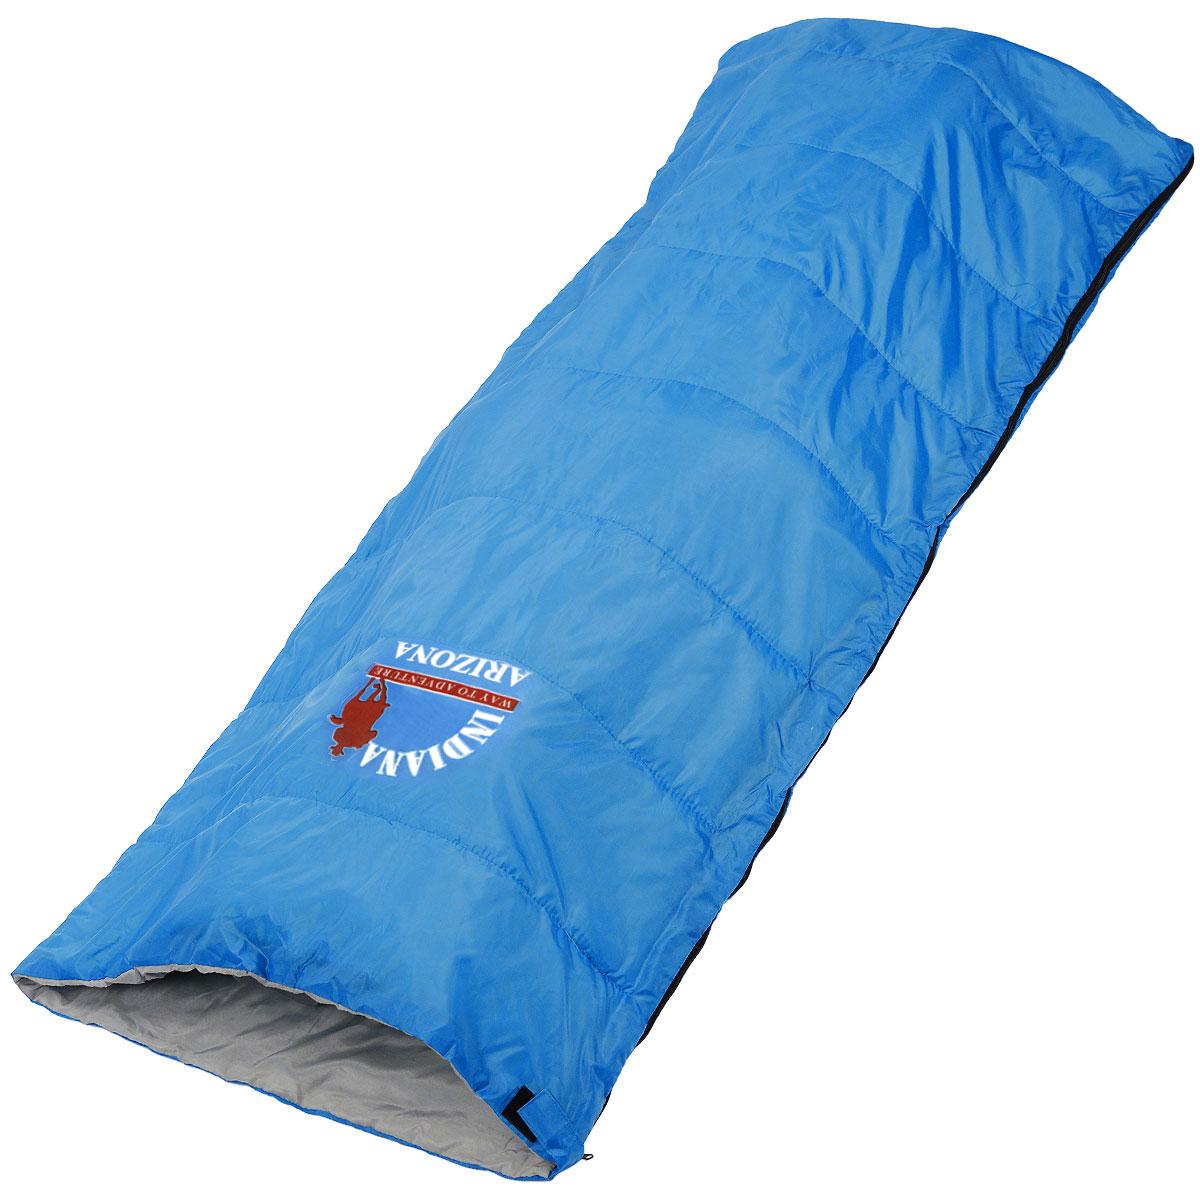 Спальный мешок-одеяло Indiana Arizona, 195 см х 85 см спальный мешок indiana maxfort plus правая молния цвет красный черный синий 195 х 35 х 90 см